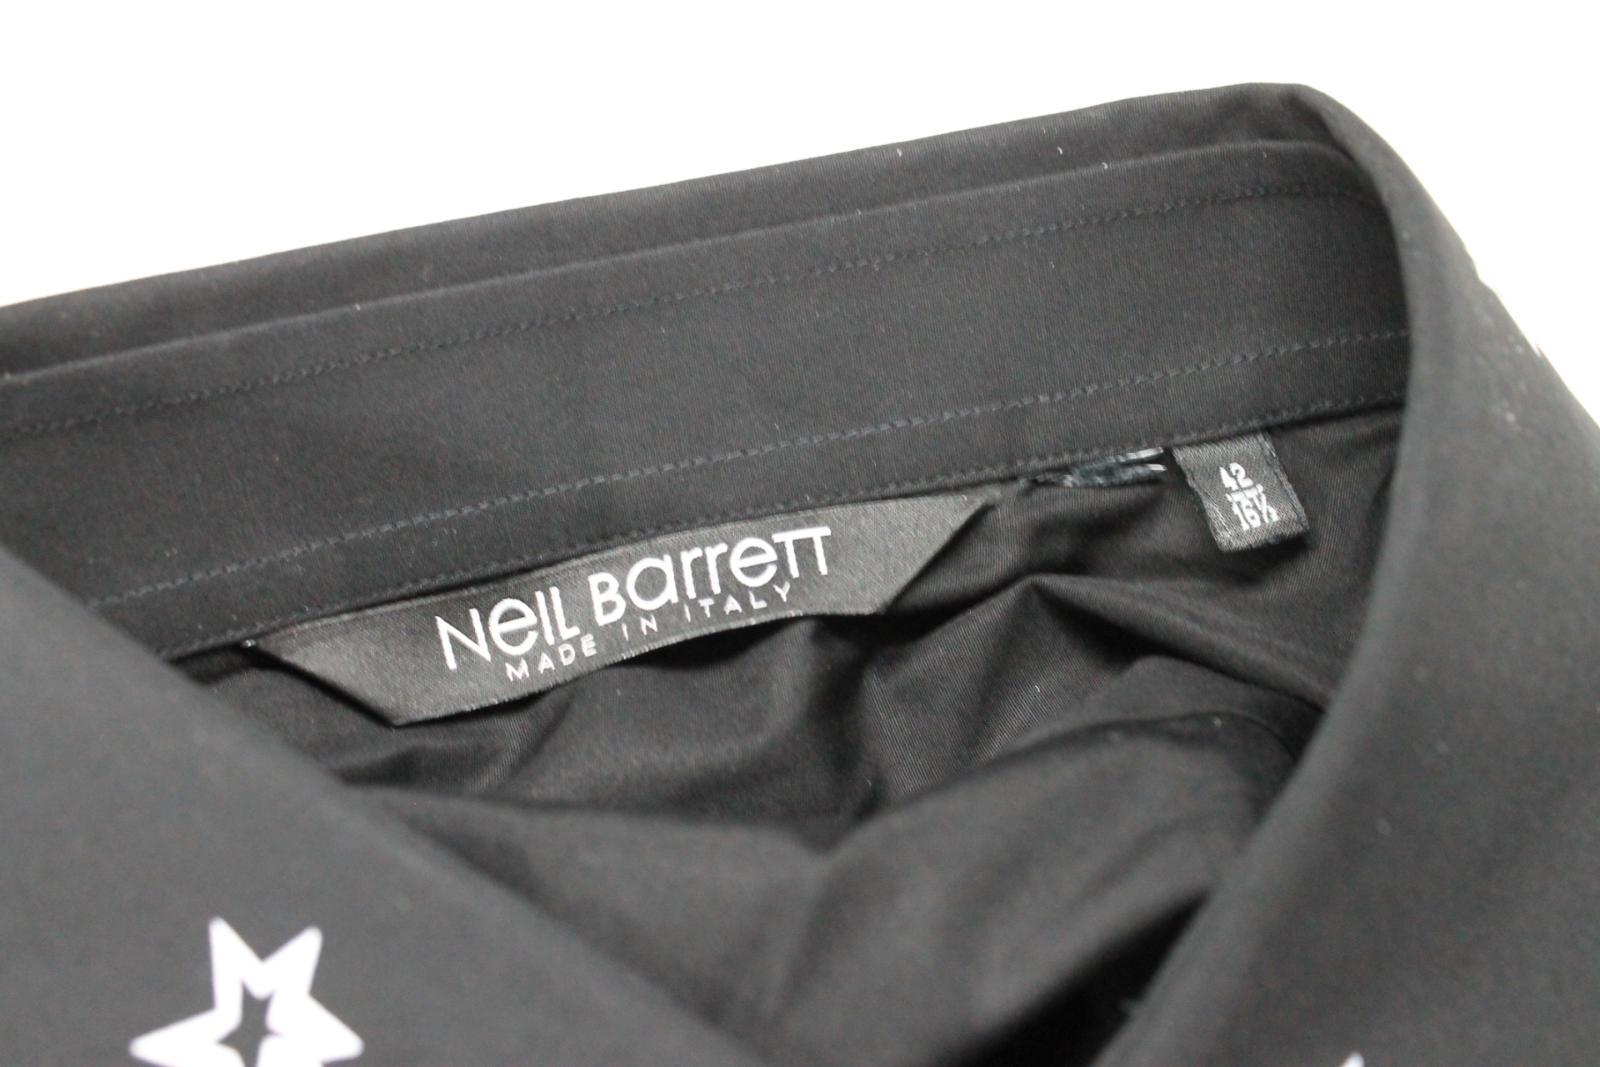 Neil-Barrett-Hombre-Negro-Algodon-Estampado-de-Estrellas-Calce-Ajustado-Camisa-Con-Cuello-16-5-034 miniatura 10